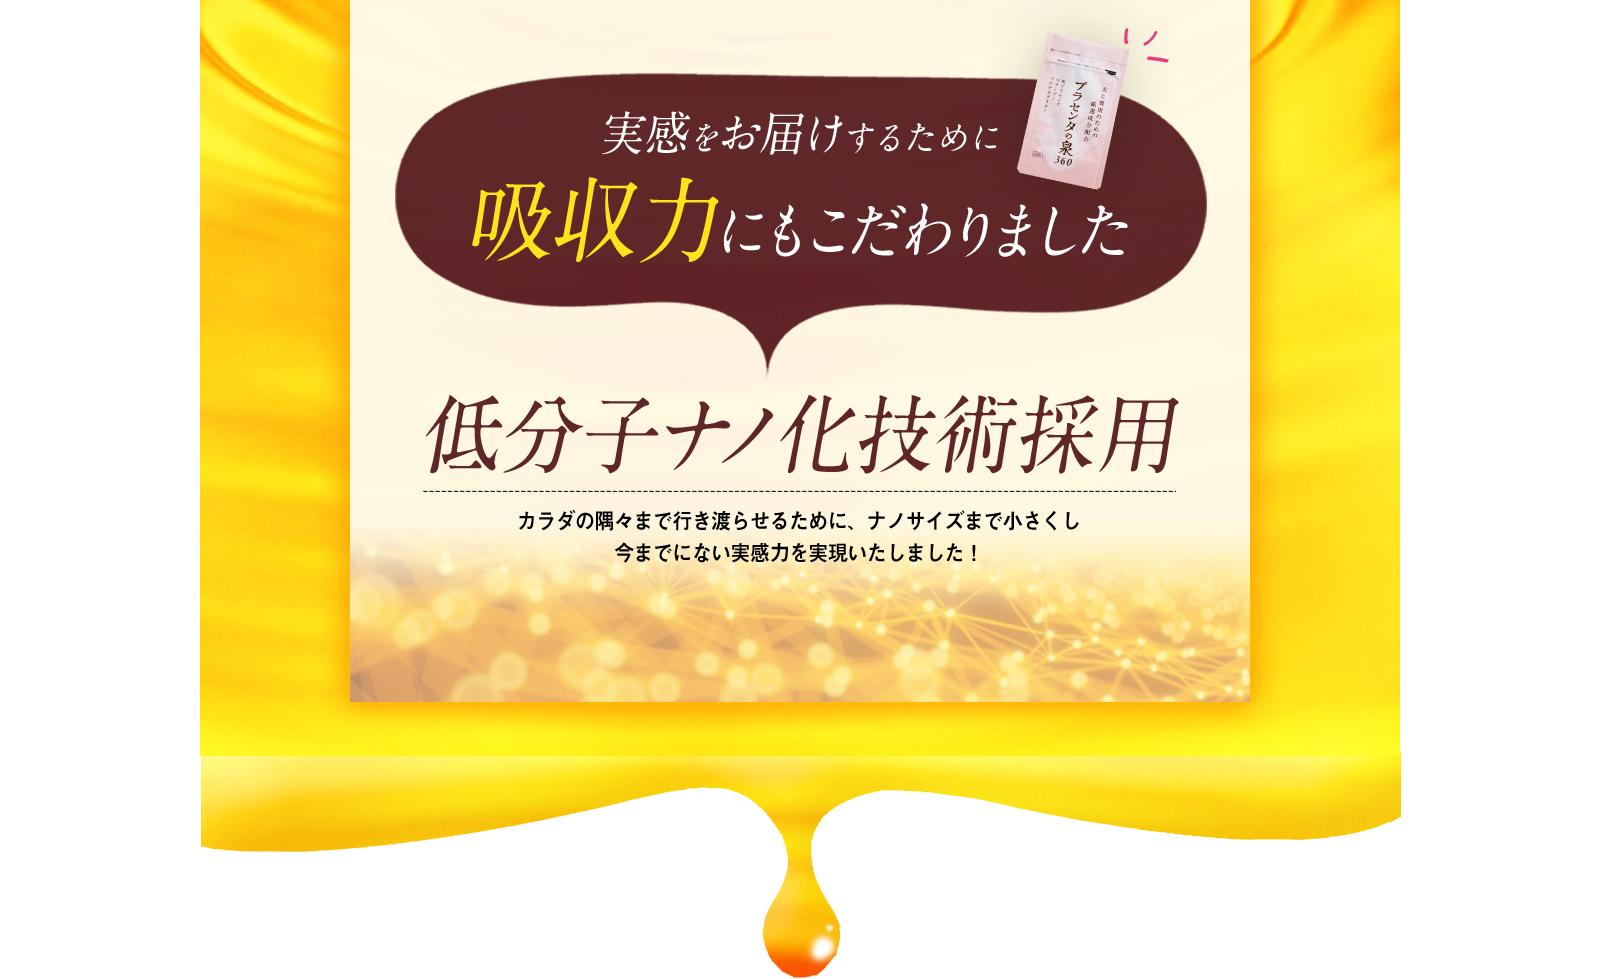 プラセンタサプリ販売用ランディングページ(LP)デザイン・制作事例14